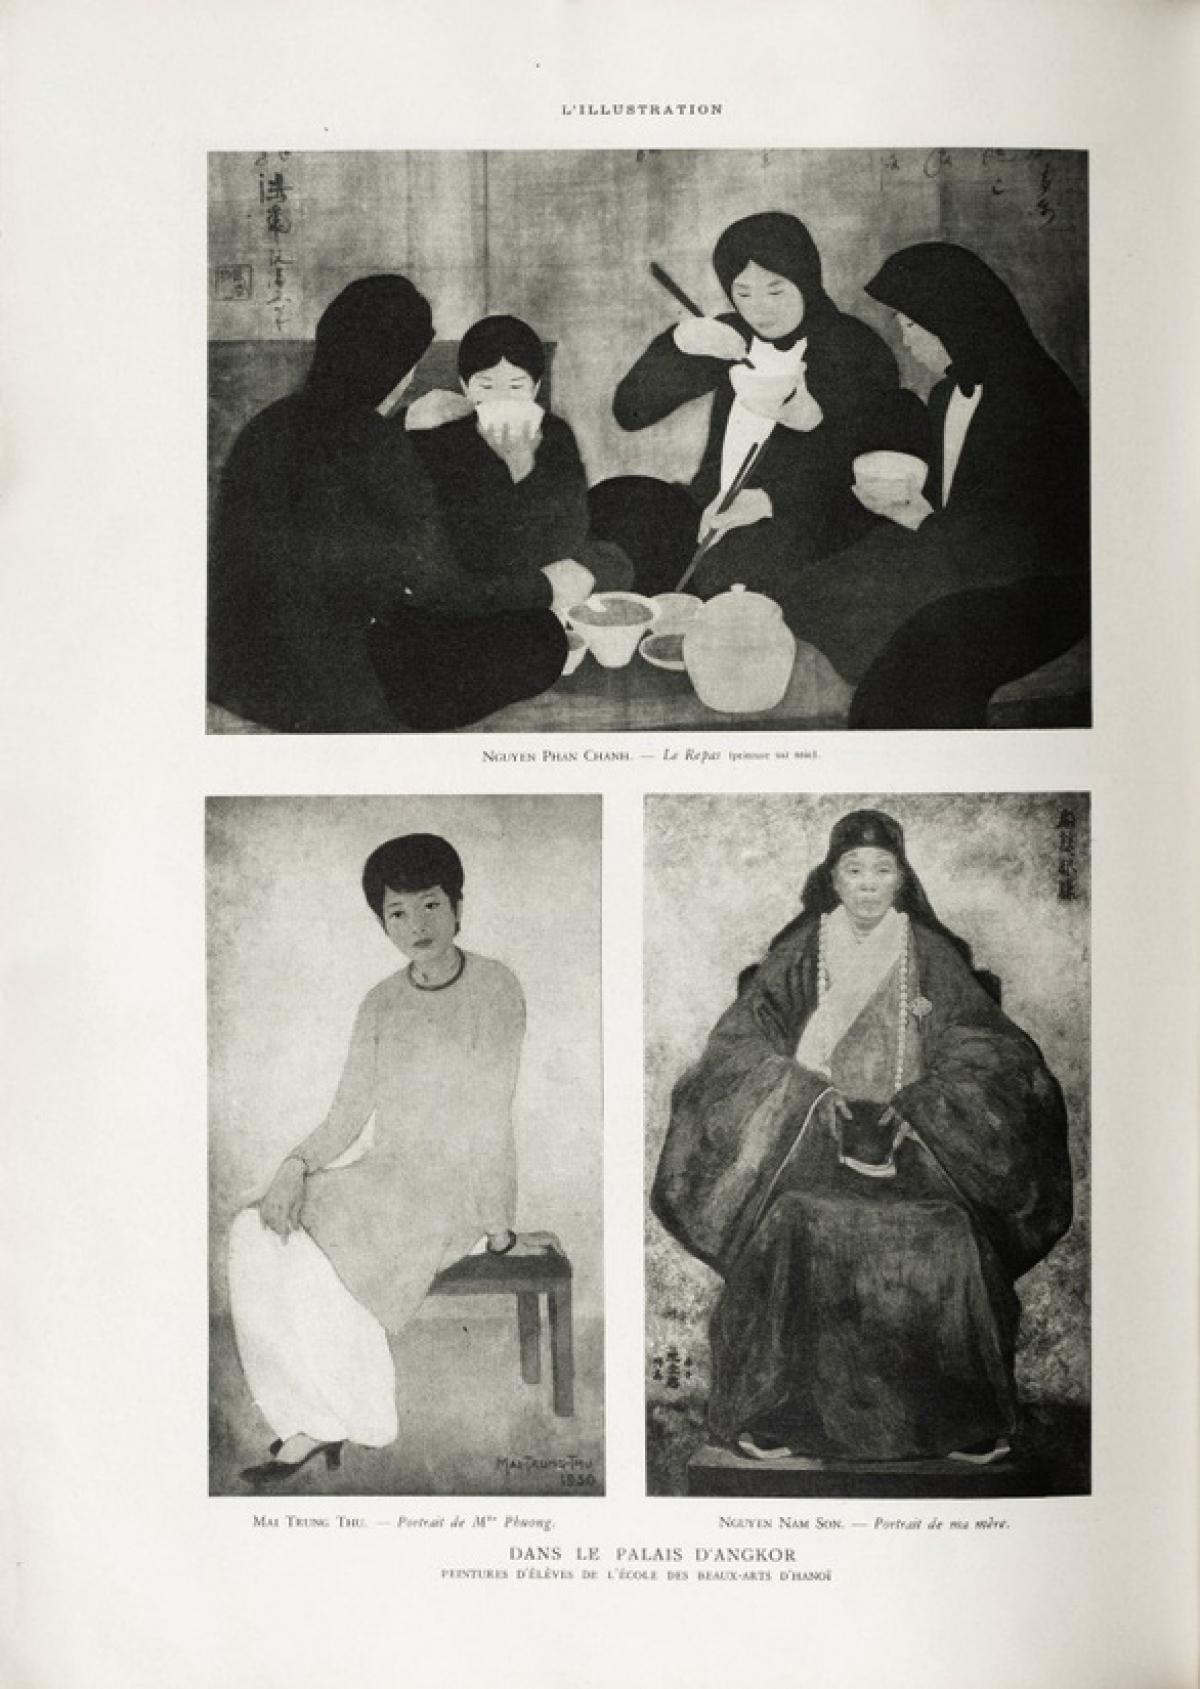 3 tác phẩm của họa sĩ Mai Trung Thứ, Nguyễn Nam Sơn, Nguyễn Phan Chánh được giới thiệu trong cuốn vựng tập Triển lãm Quốc tế Thuộc địa năm 1932. (Ảnh: SOTHEBY'S)./.